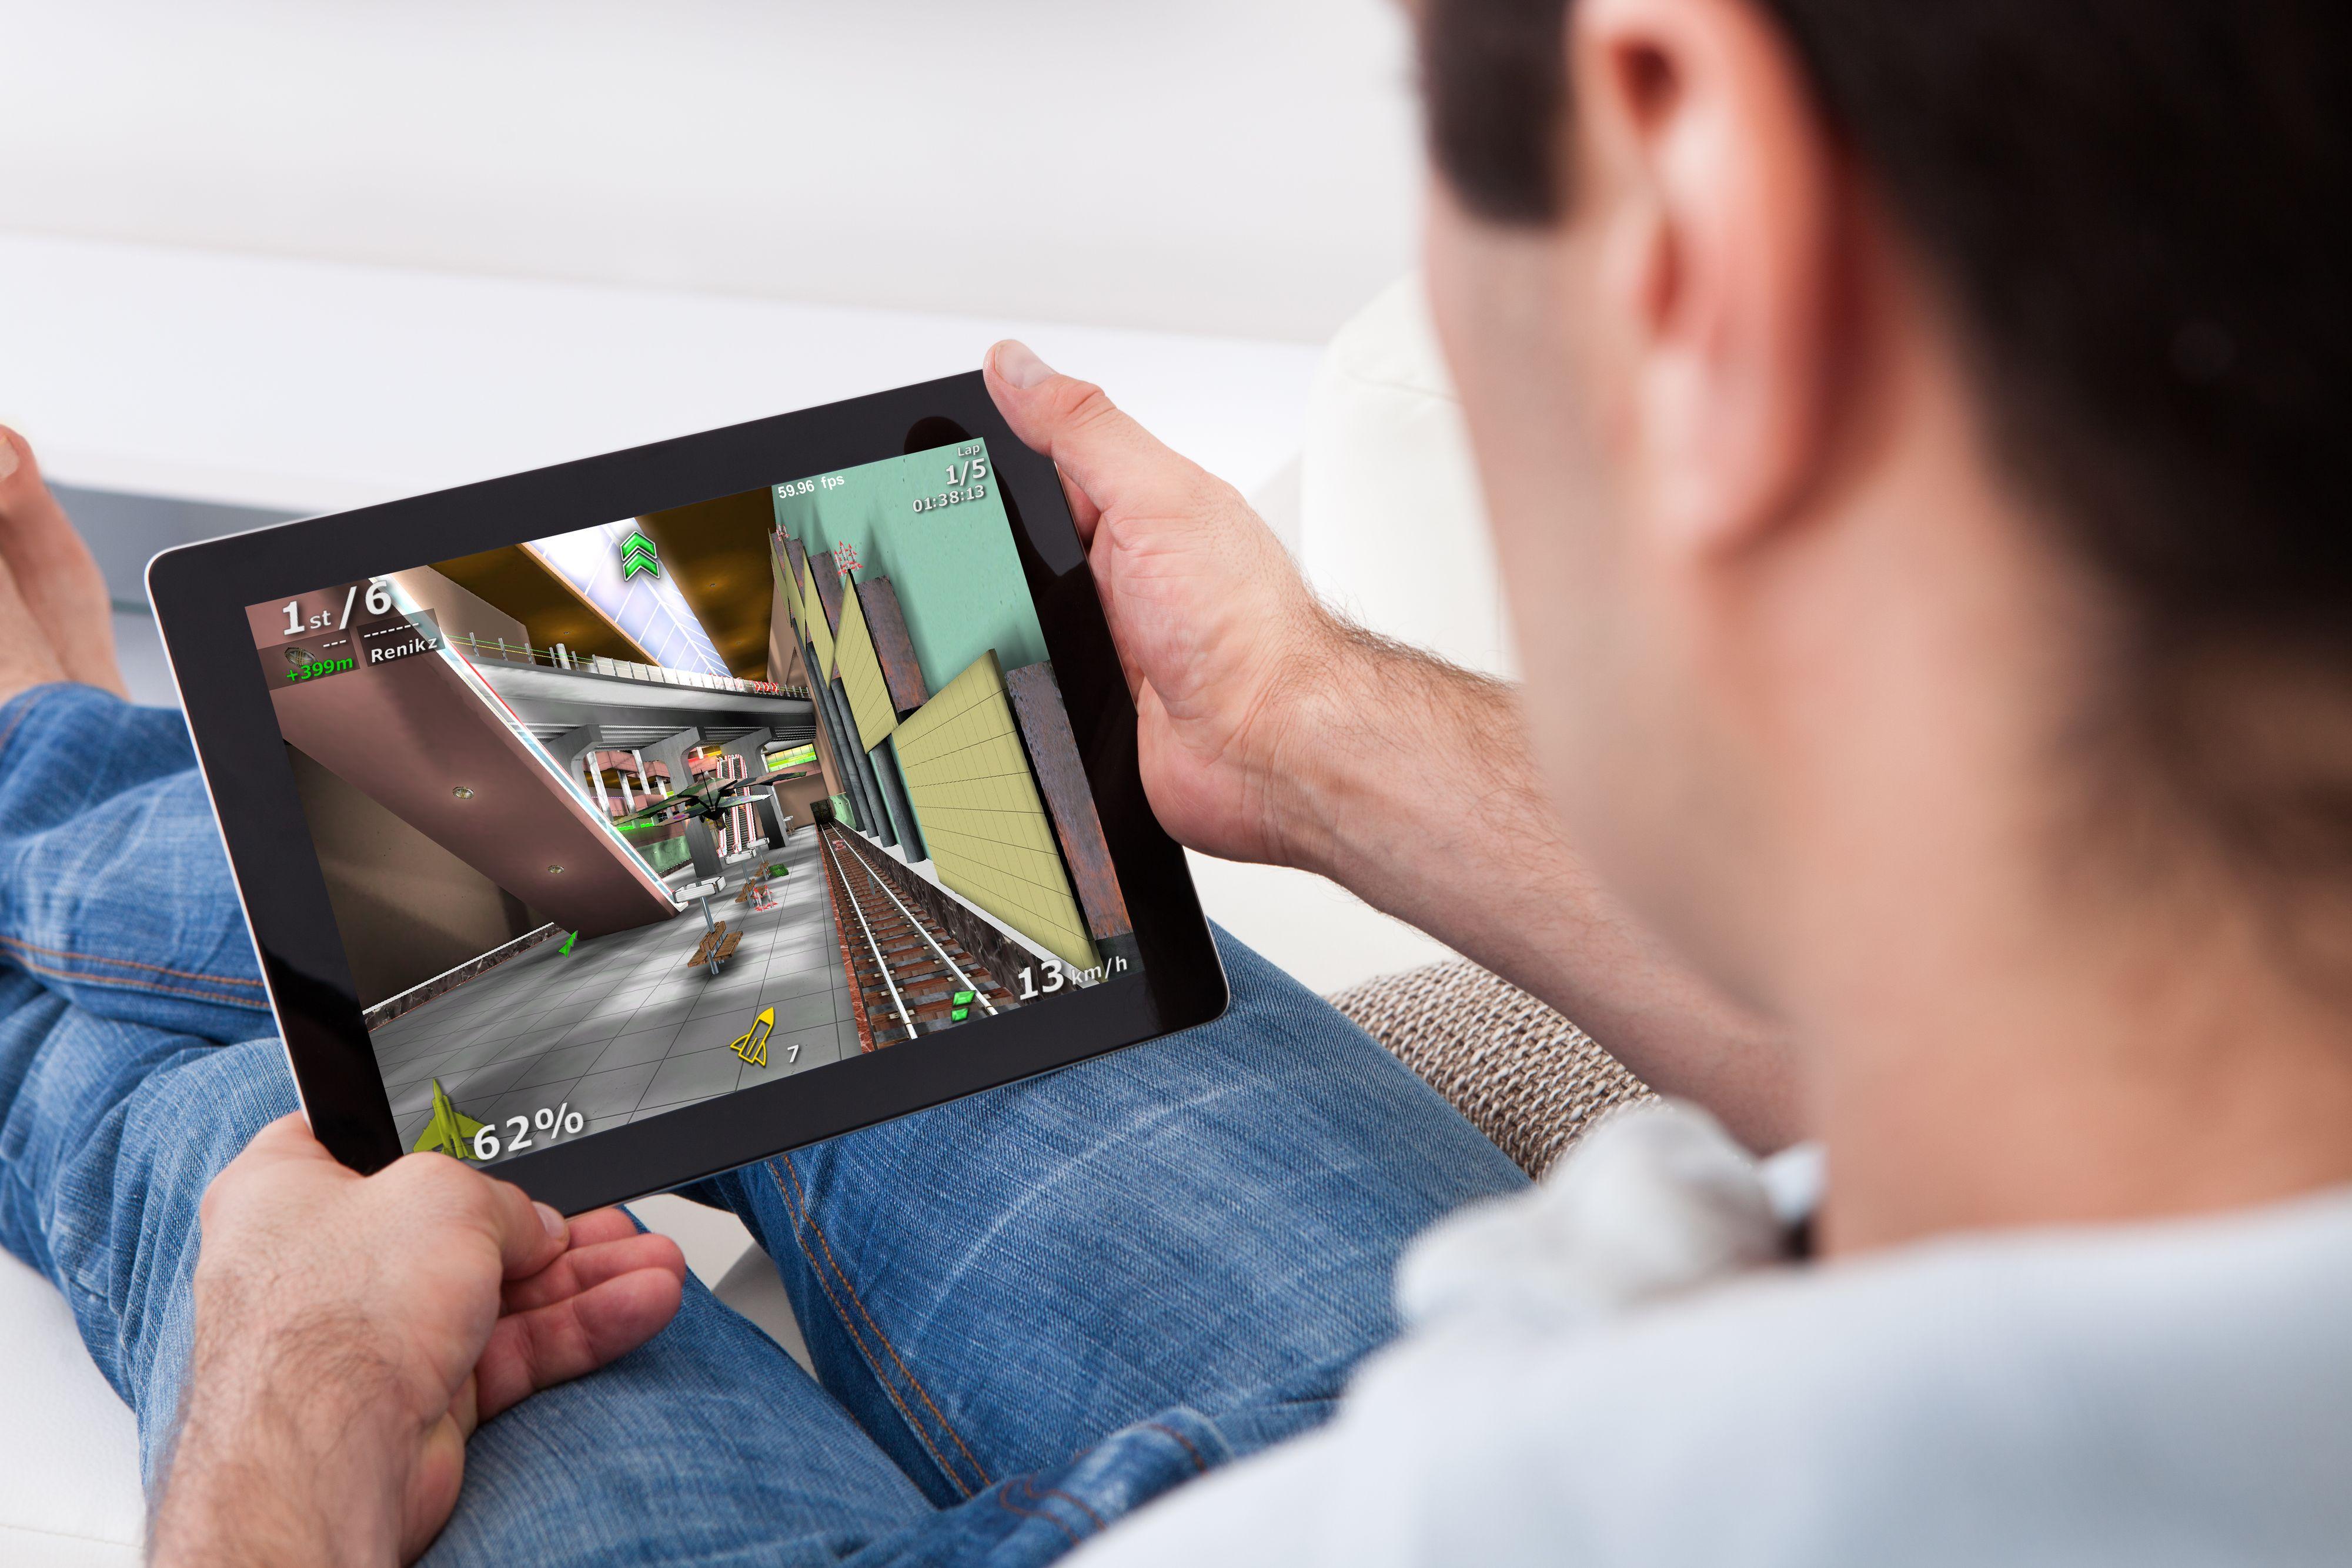 TV-lisens eller ikke?Foto: Shutterstock